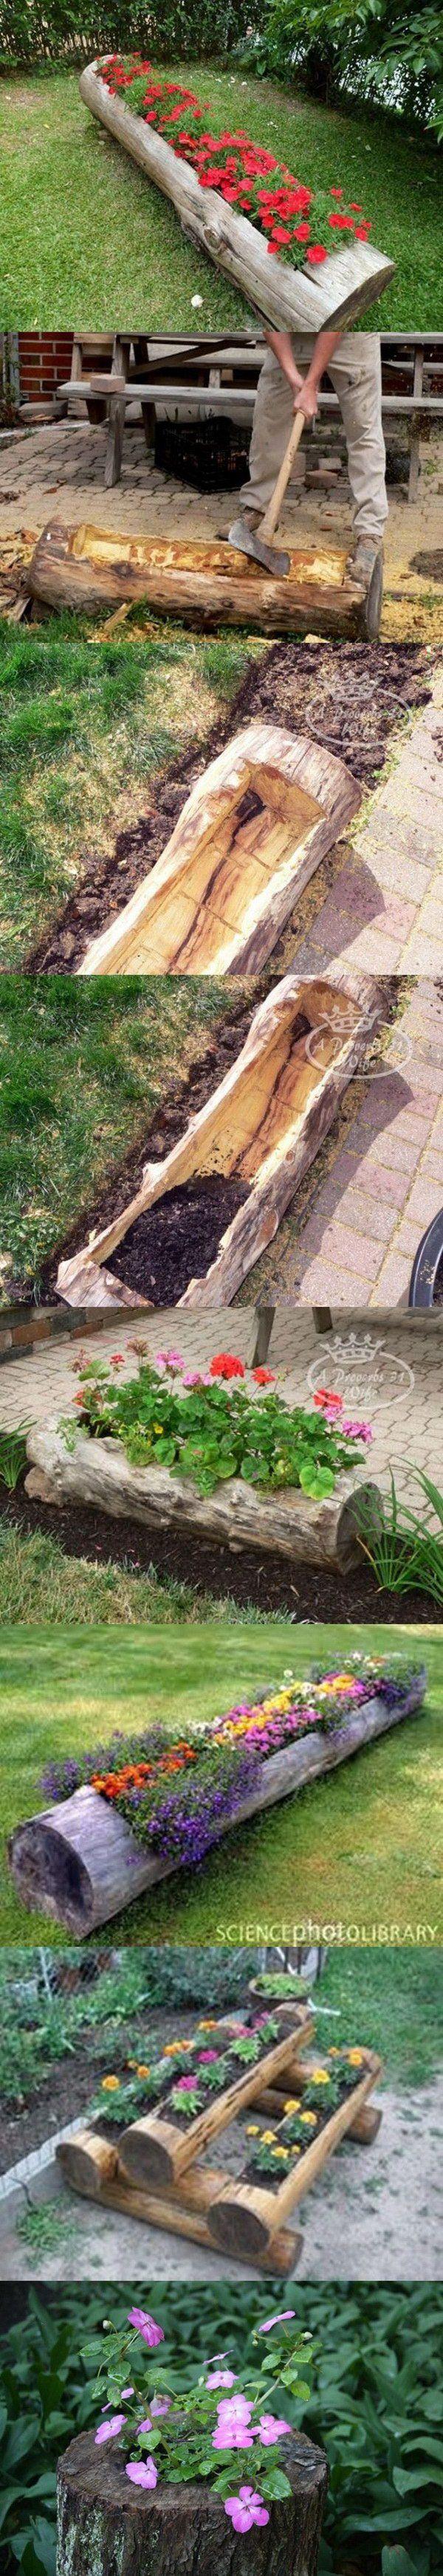 New home garden ideas  Make Beautiful Log Garden Planter  New Home DIYs  Pinterest